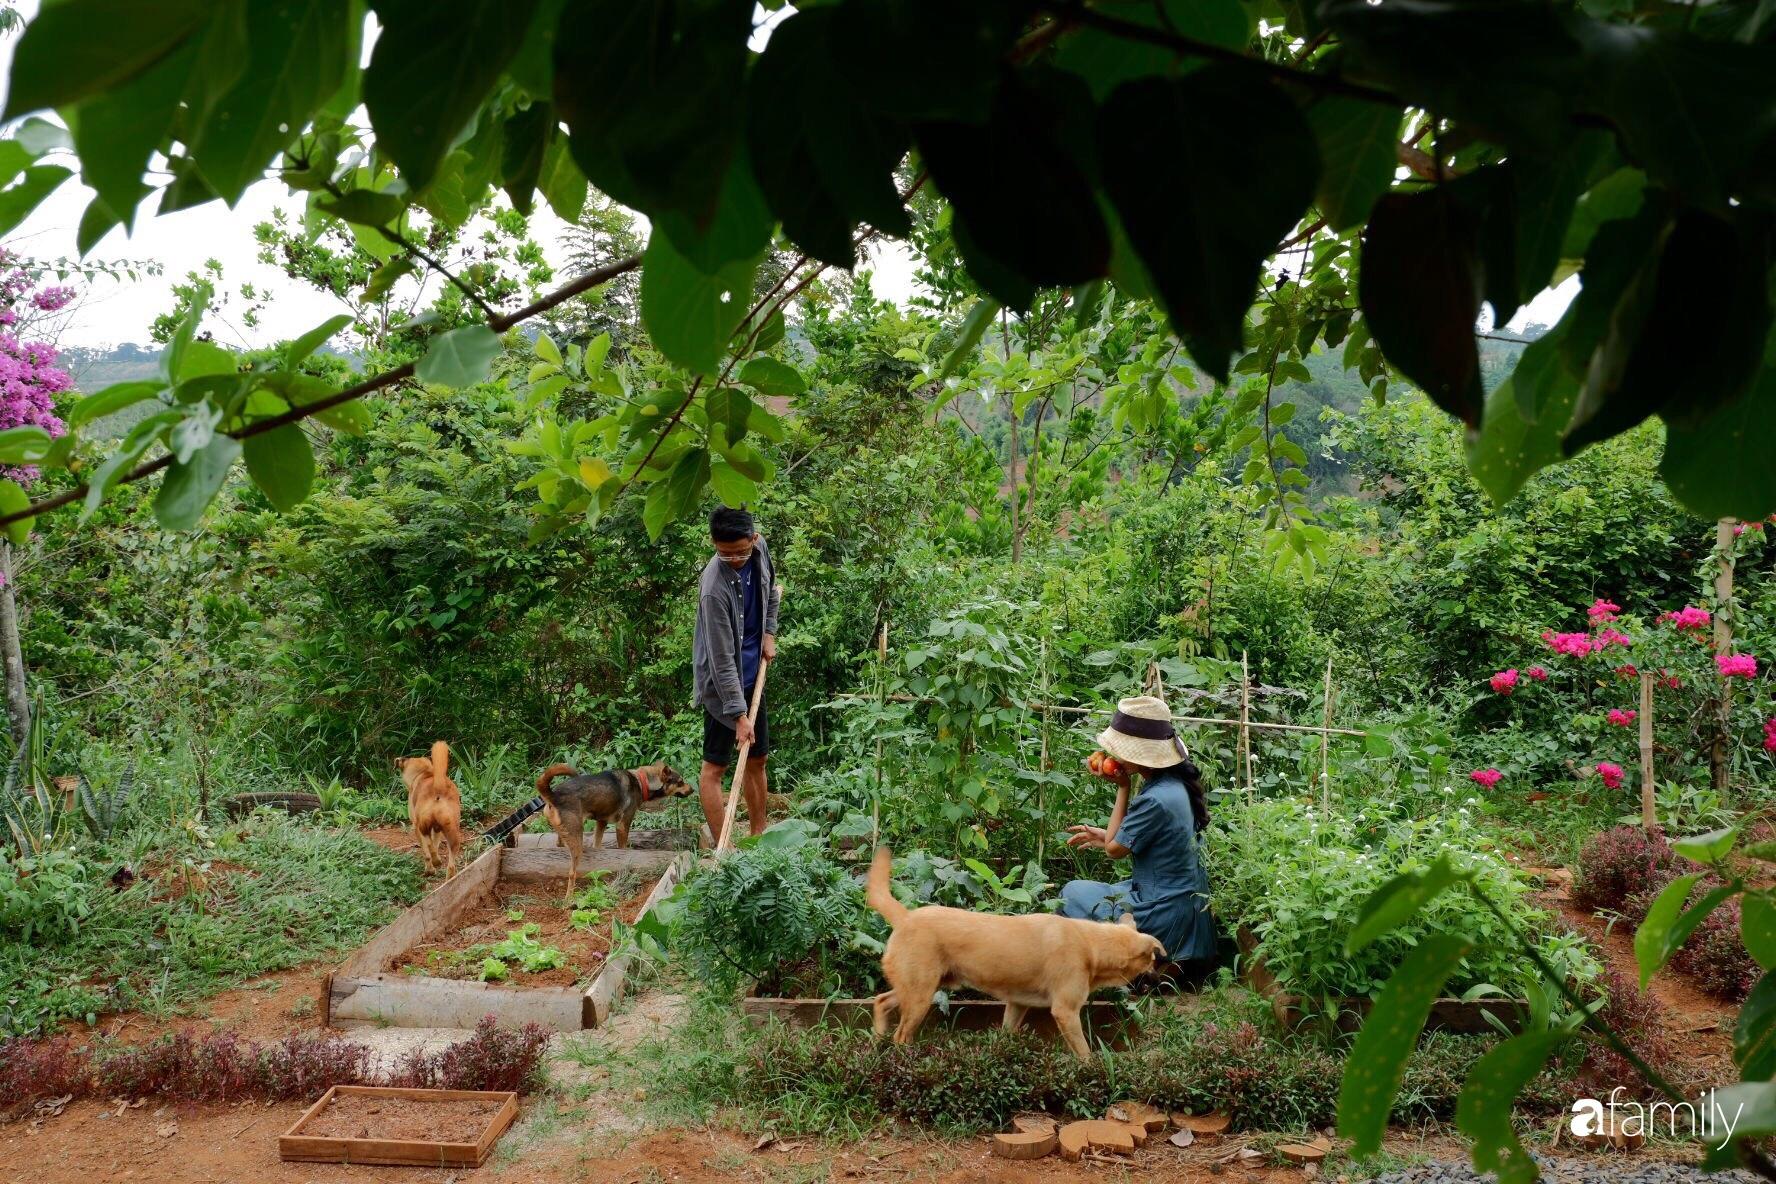 Khu vườn xanh tươi rộn ràng cây lá của cặp đôi quyết rời Sài Gòn về rừng tìm chốn bình yên - Ảnh 2.